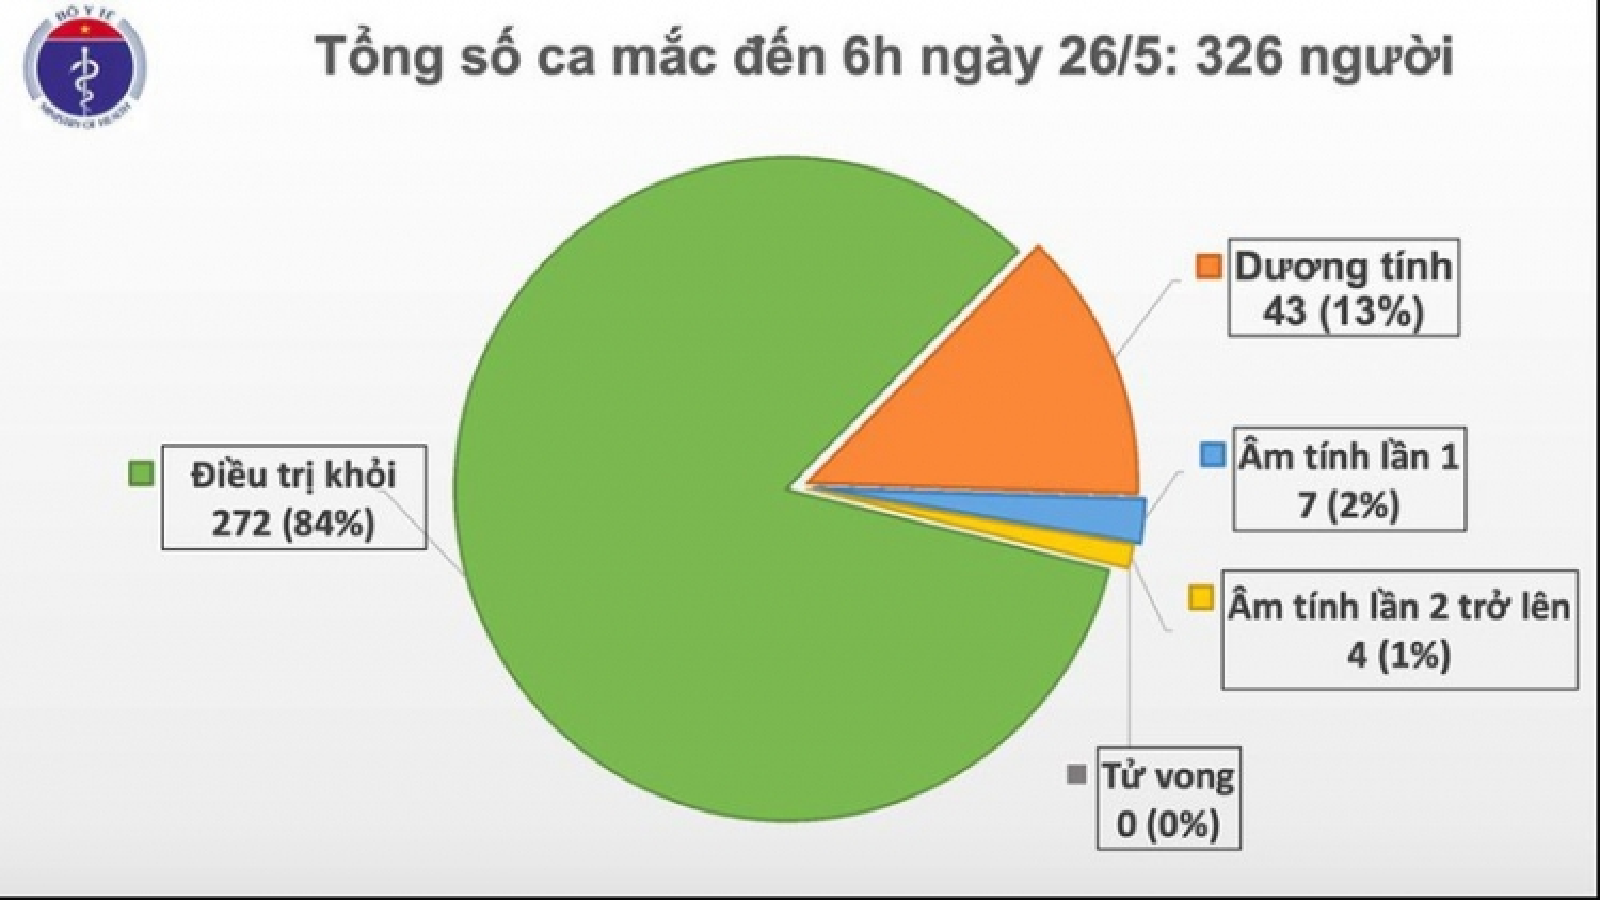 40 ngày Việt Nam không có ca mắc Covid-19 mới trong cộng đồng